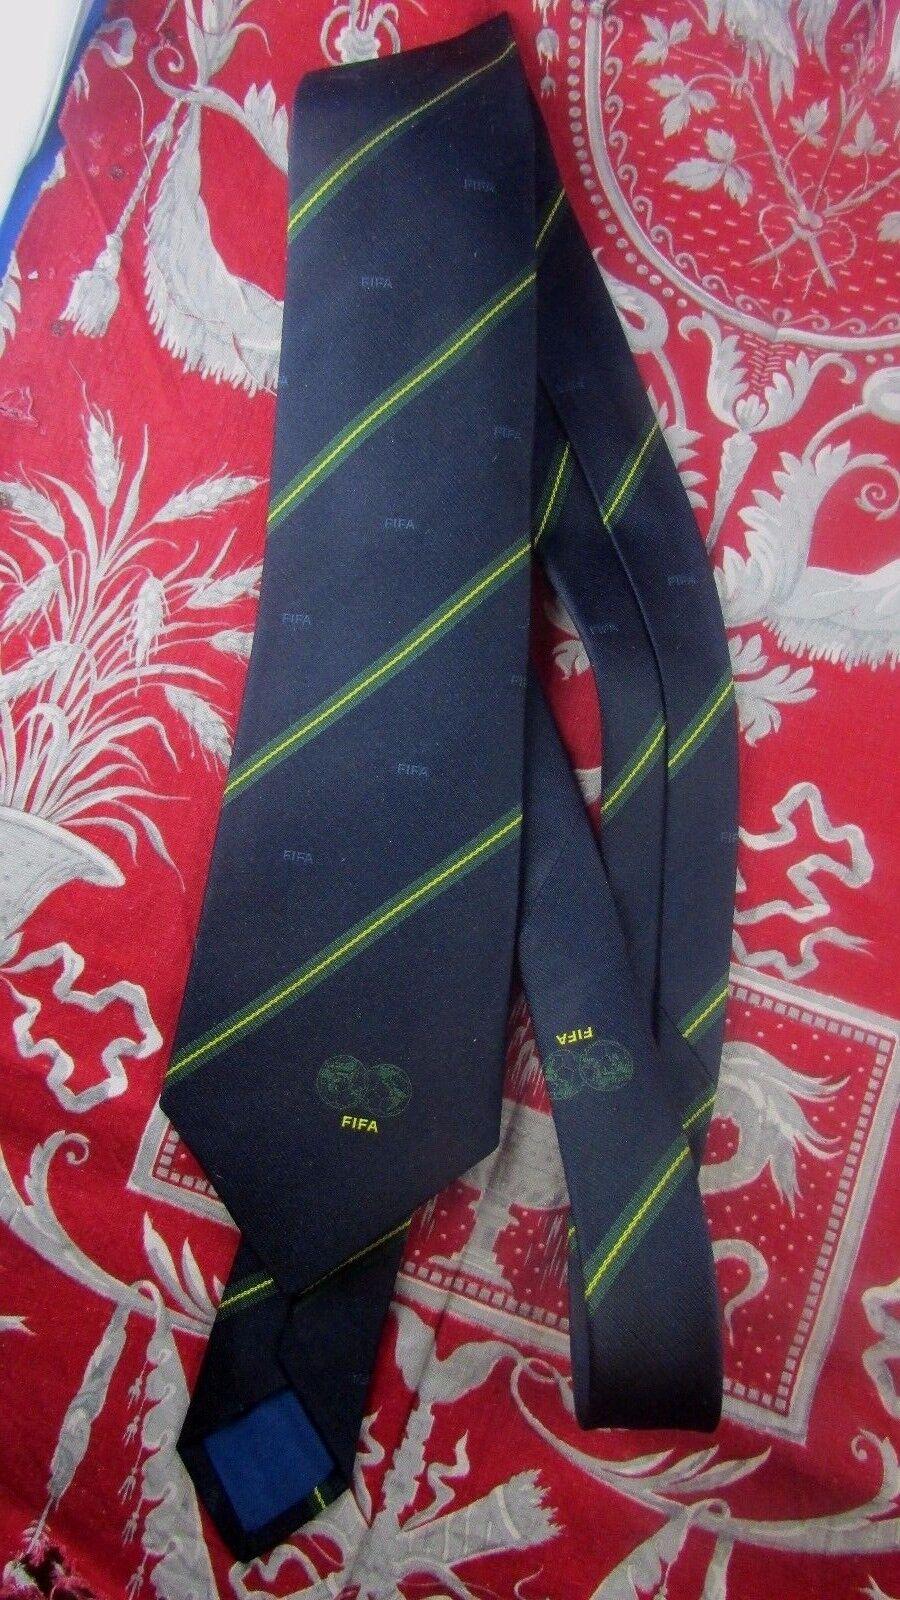 ancienne veritable cravate fifa gessner suisse annee annee annee 70 football foot 3cebea